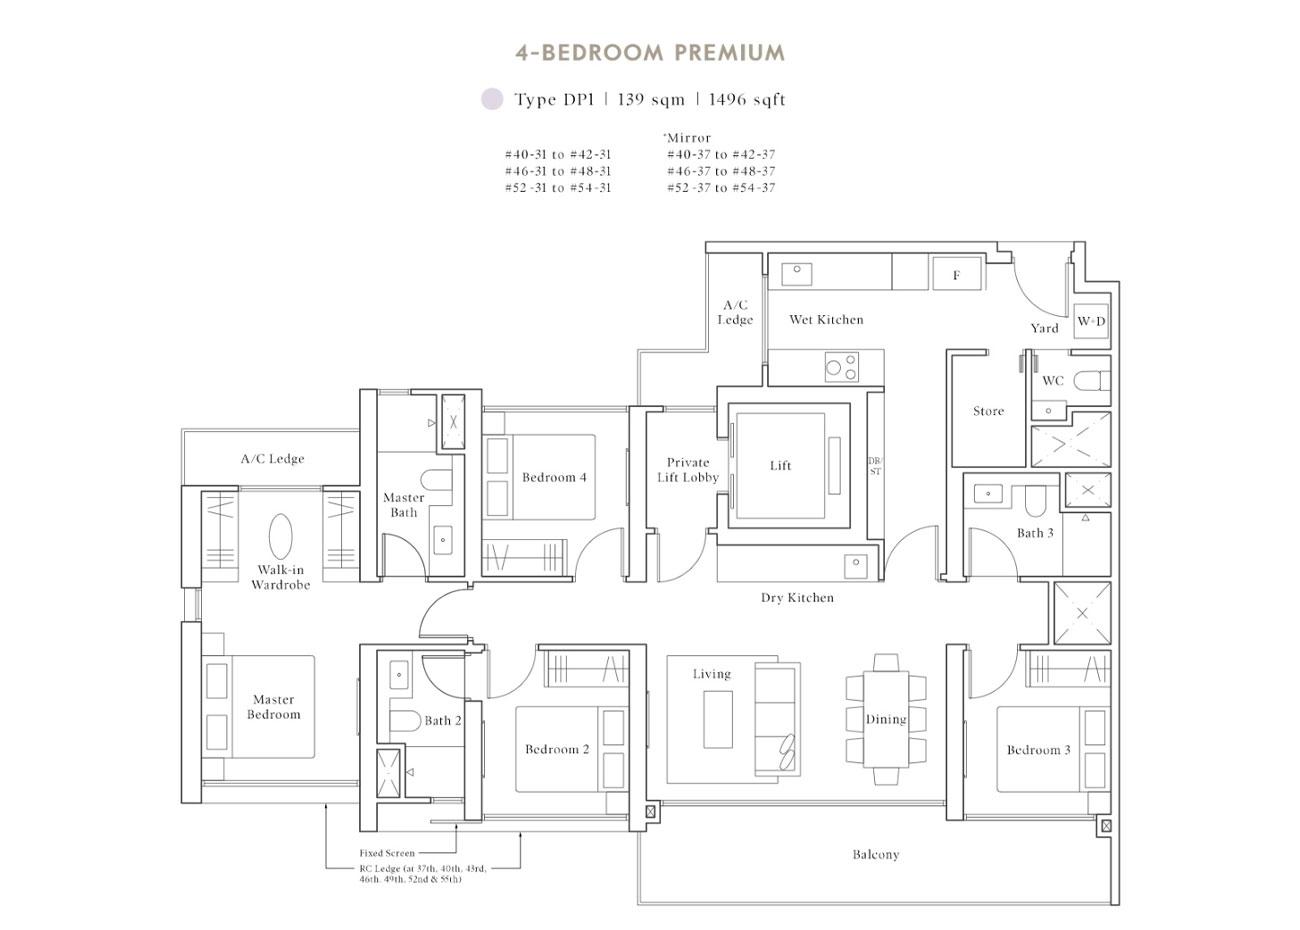 Peak Collection - 4 Bedroom Premium, DP1